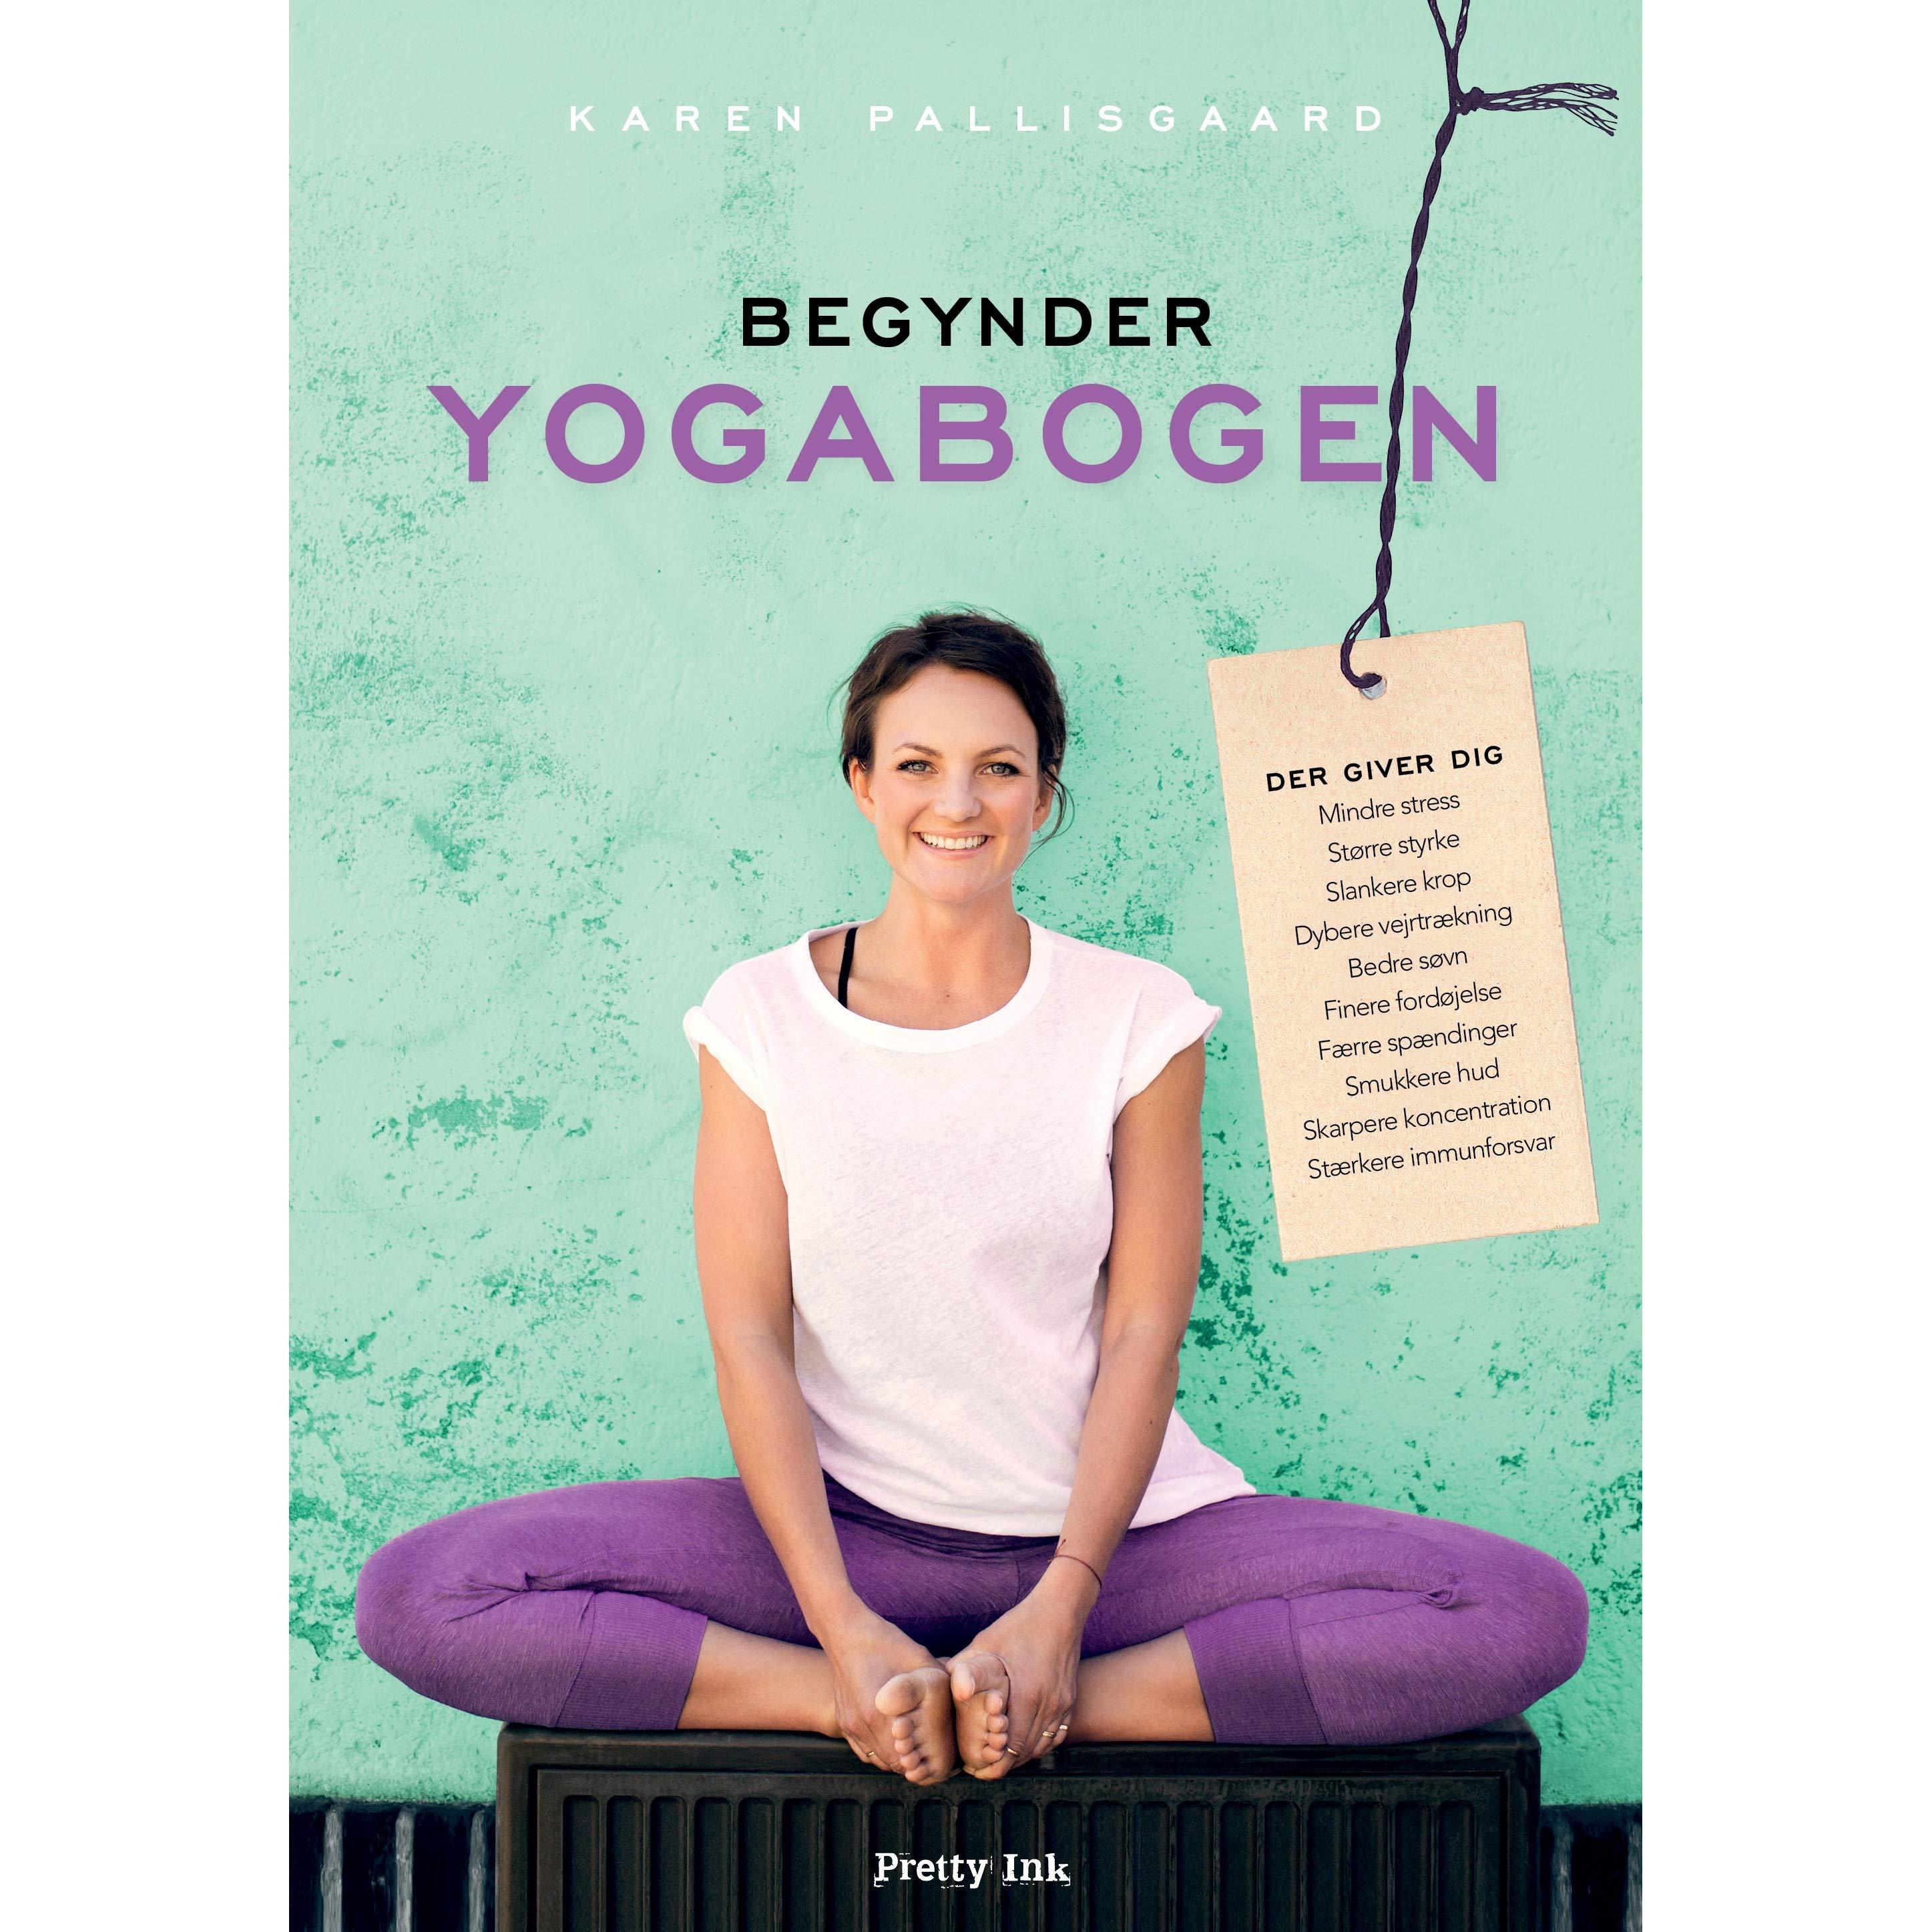 Begynder yogabogen